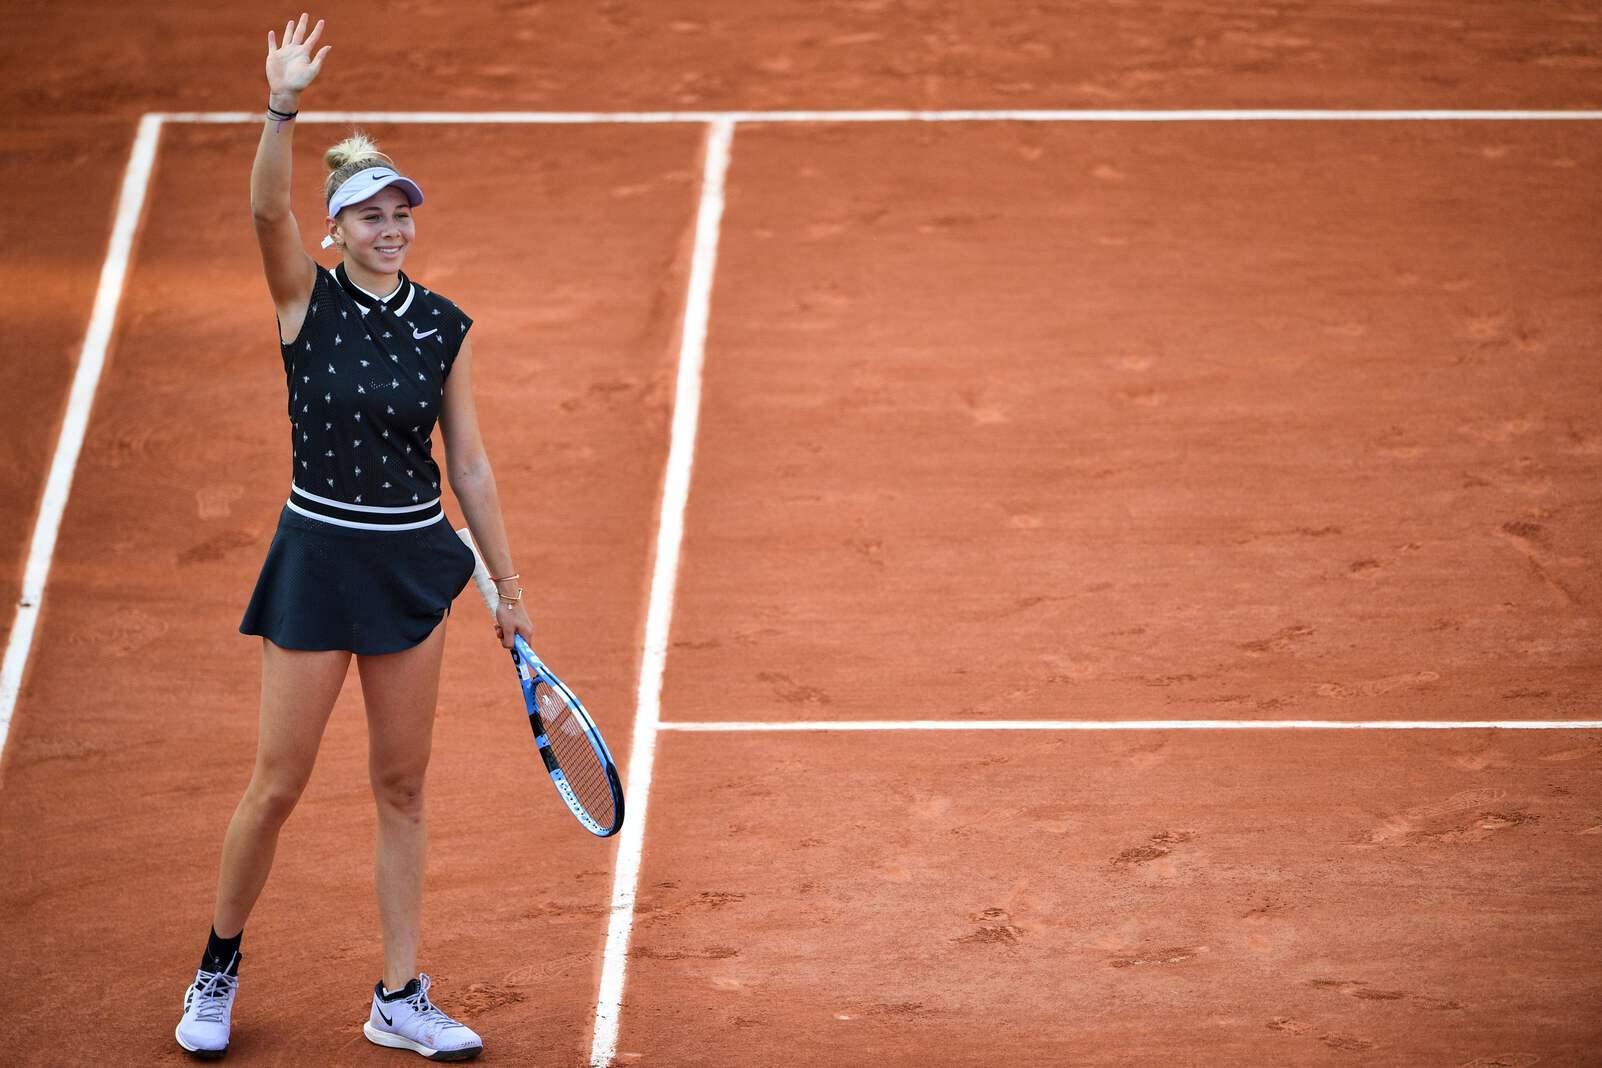 Bereits im Alter von drei Jahren begann sie mit dem Tennis-Sport. Foto: Martin Bureau / AFP